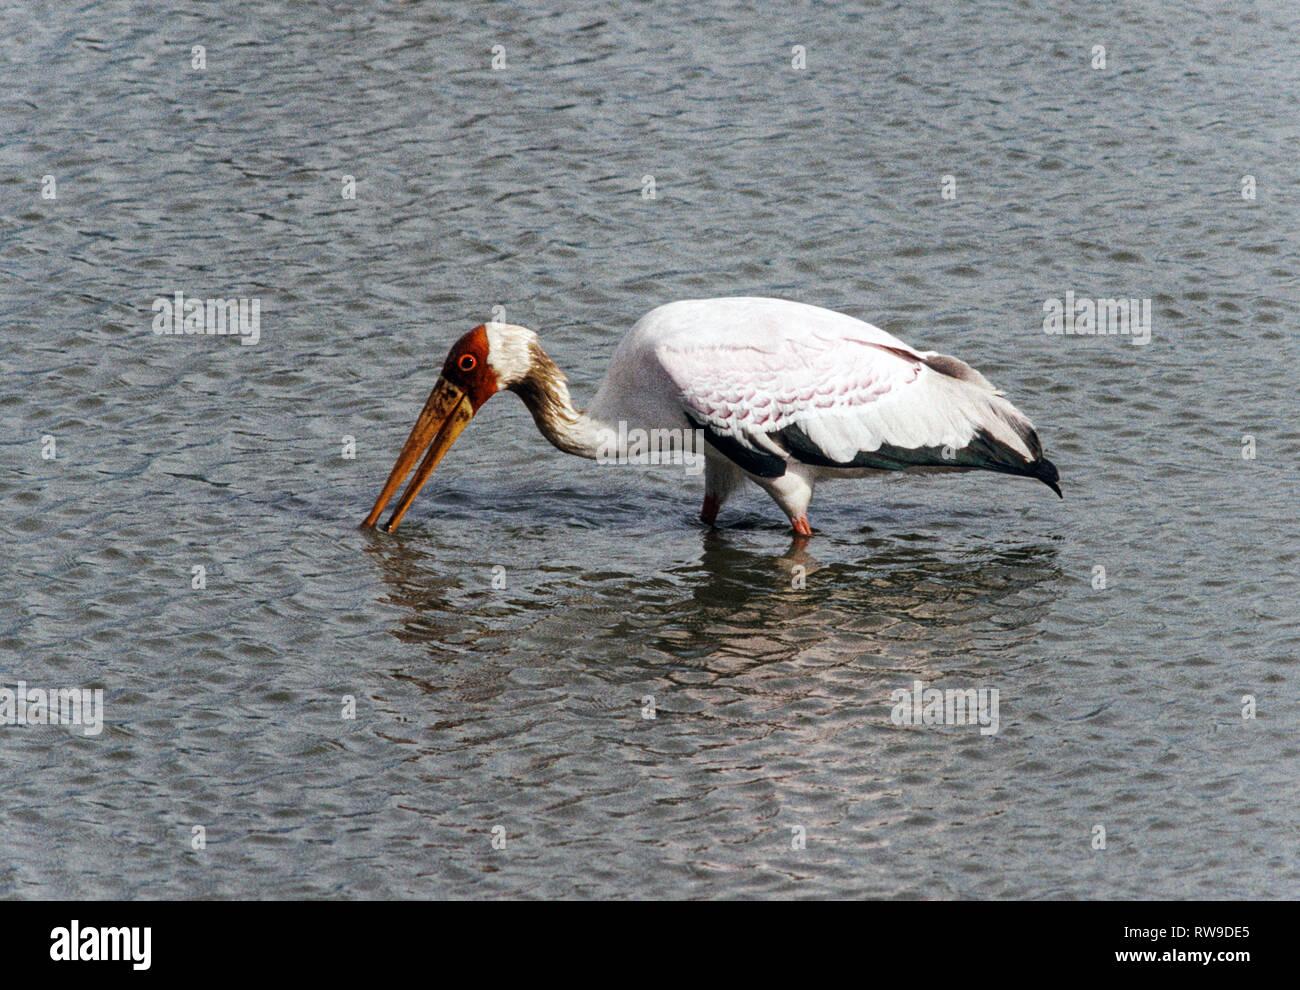 Africa.Kenya.Yellow-billed Stork (Ibis ibis).Adult feeding in Lake Naivasha. - Stock Image